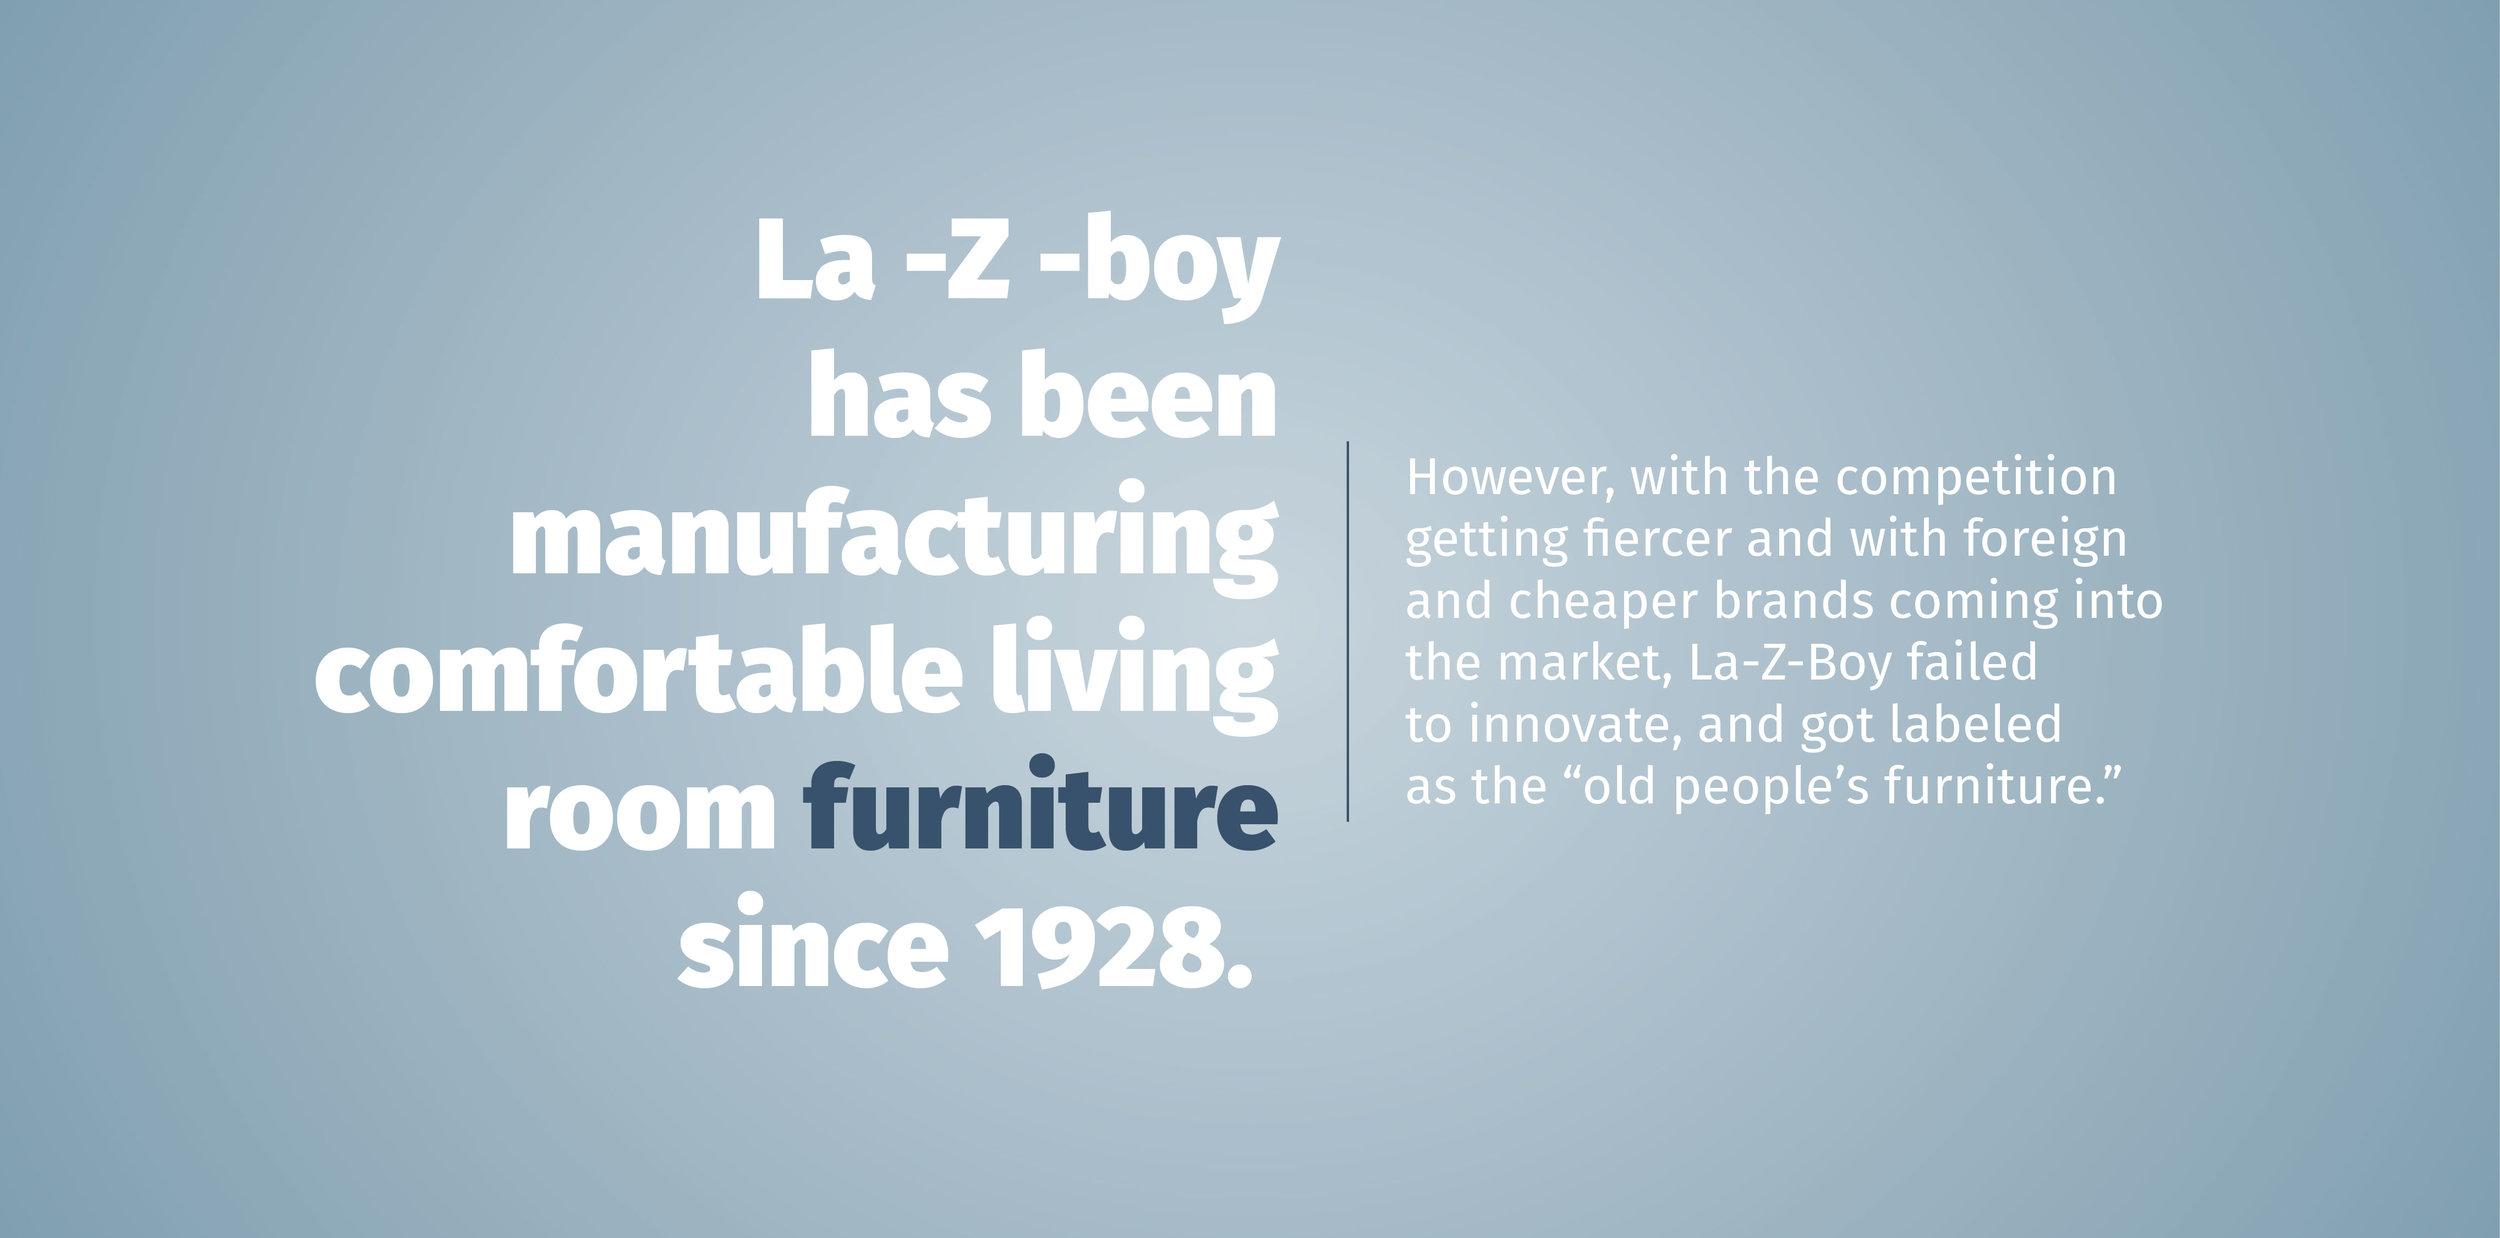 LaZboy Story-05.jpg